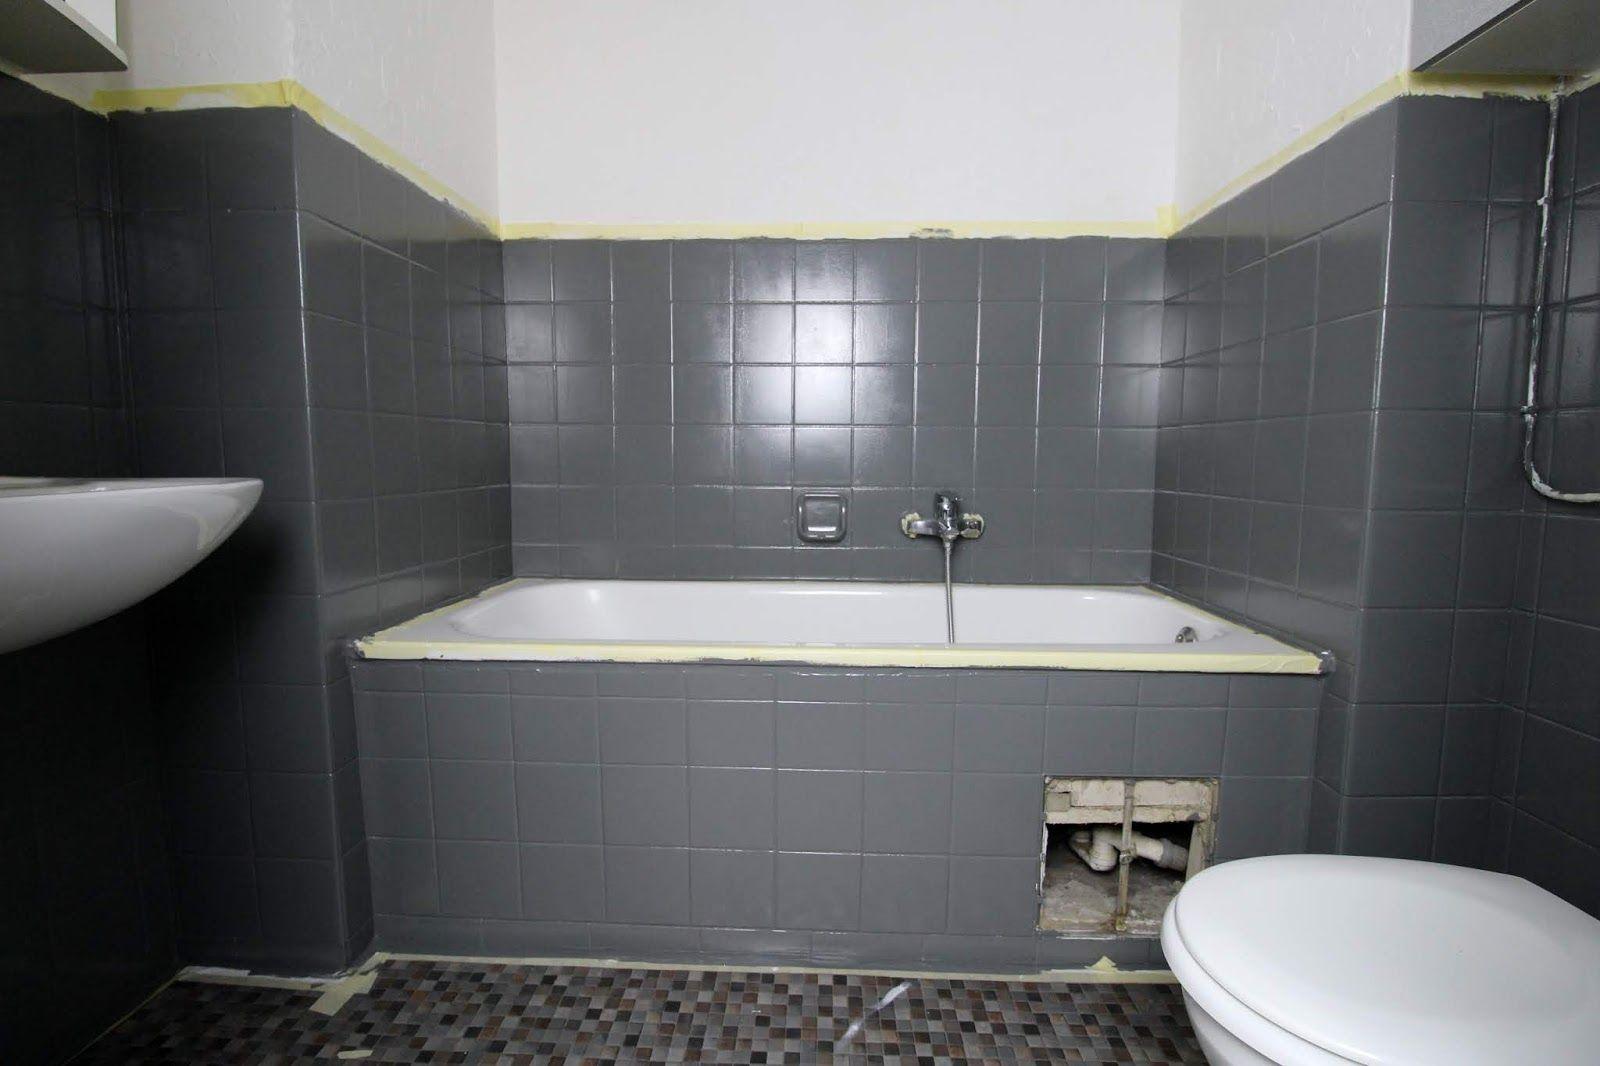 Diy Badezimmer Streichen Und Renovieren Mit Fliesenfarbe Badezimmer Streichen Badezimmer Komplett Badezimmer Rustikal